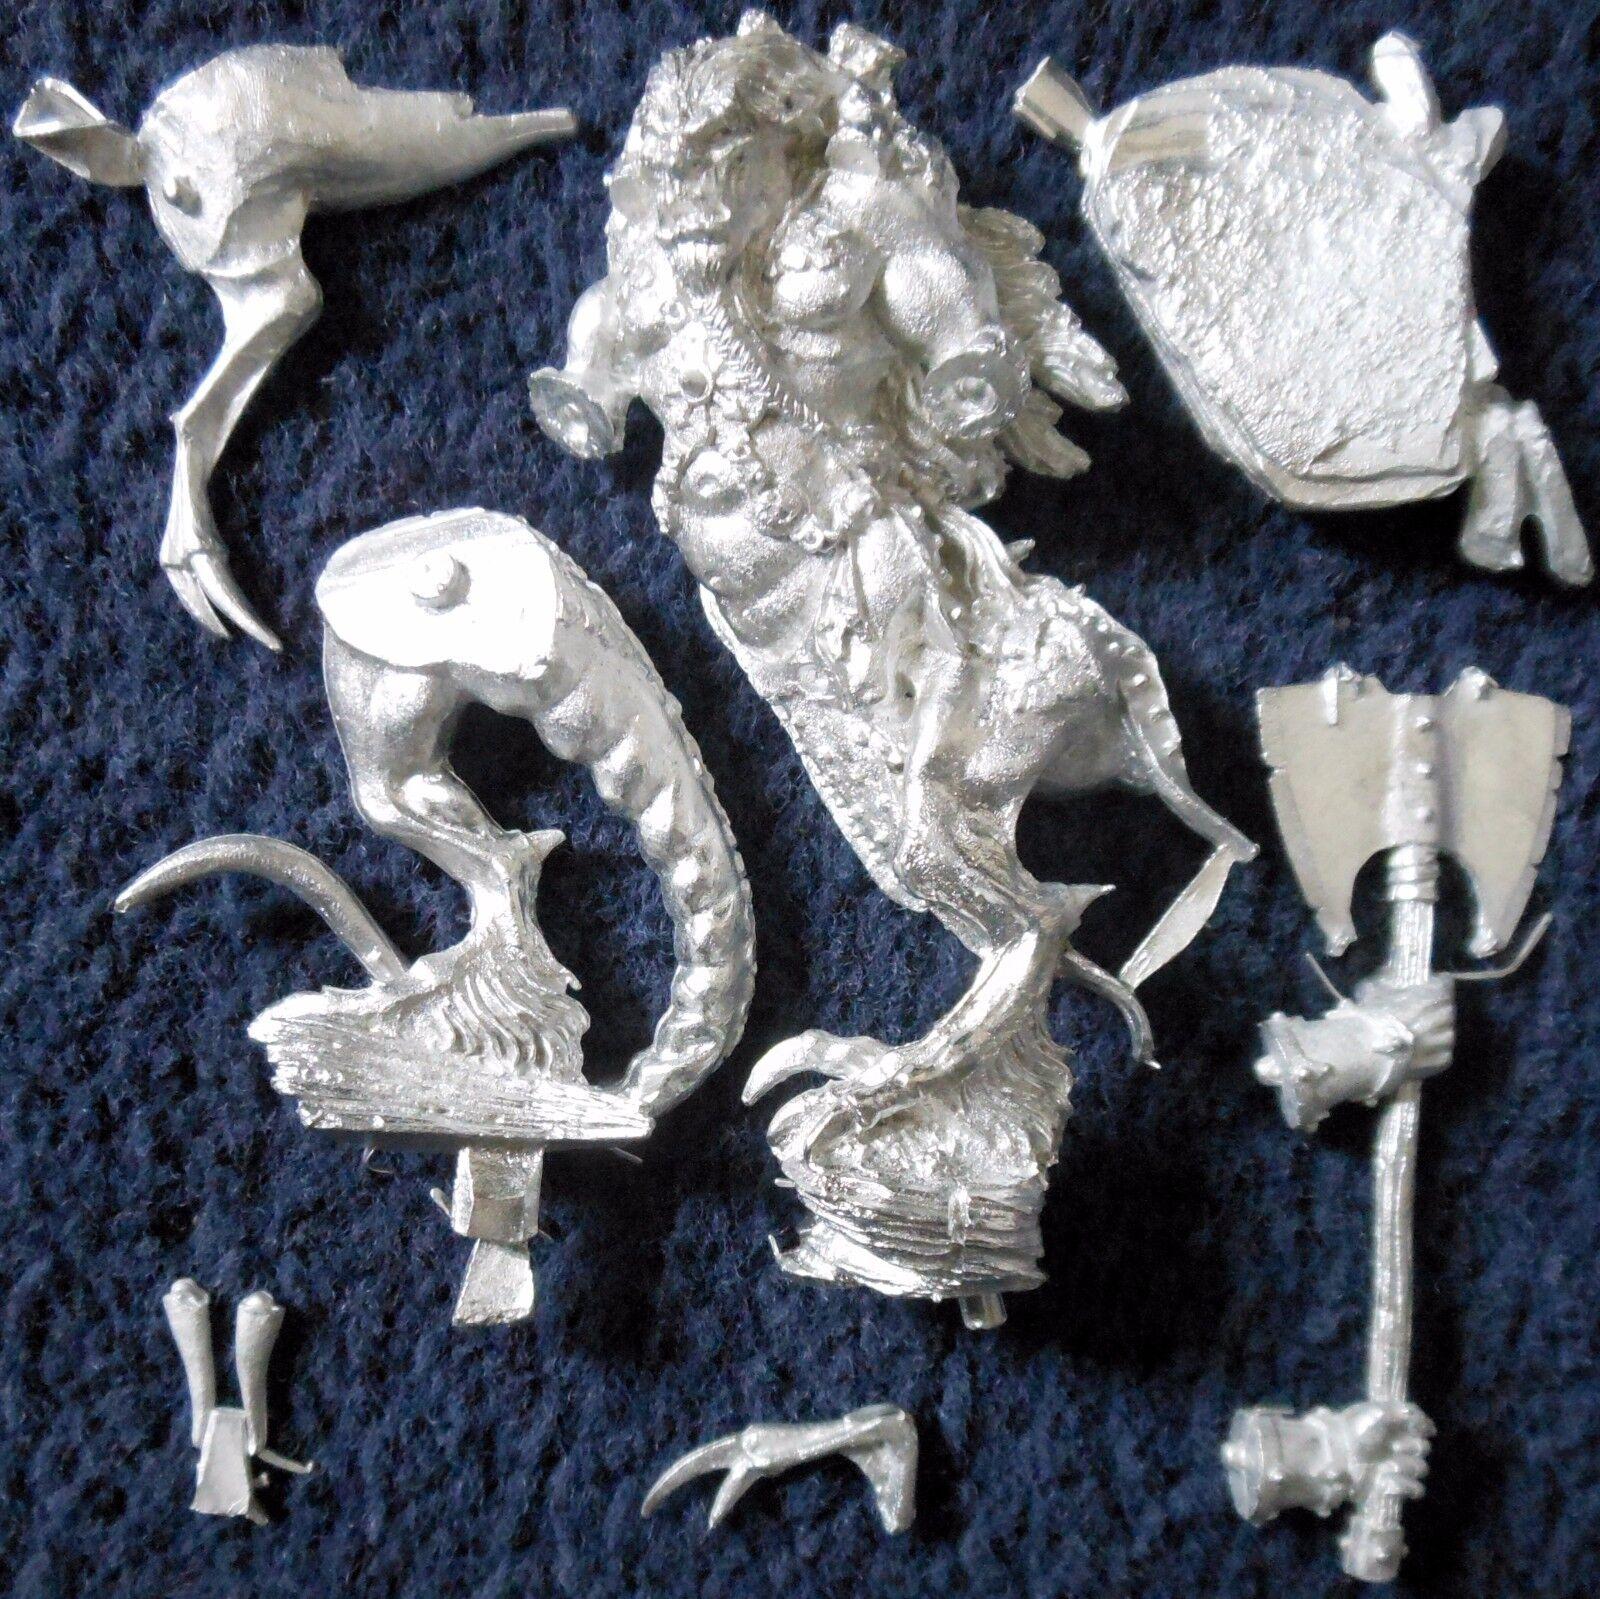 2003 Chaos Dragon Ogre Shaggoth Games Workshop Warhammer Army Ogor Cavalry AOS